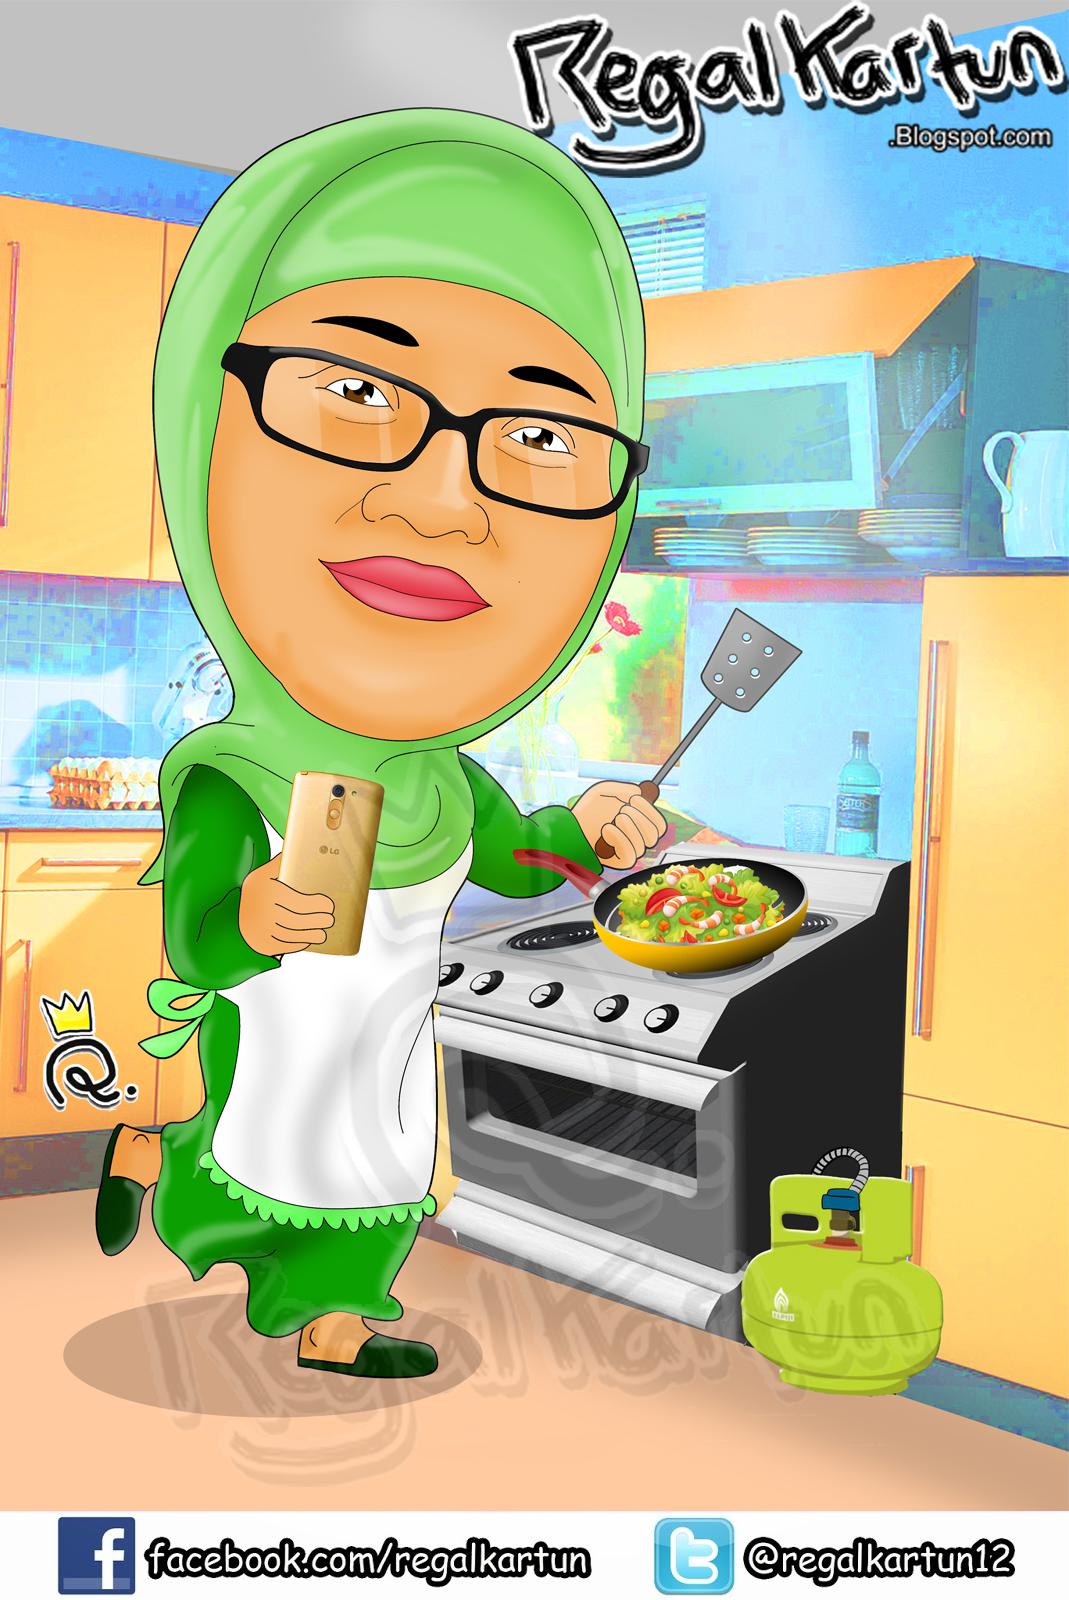 Gambar Ibu Sedang Memasak : gambar, sedang, memasak, Gambar, Animasi, Memasak, Bersama, Cikimm.com